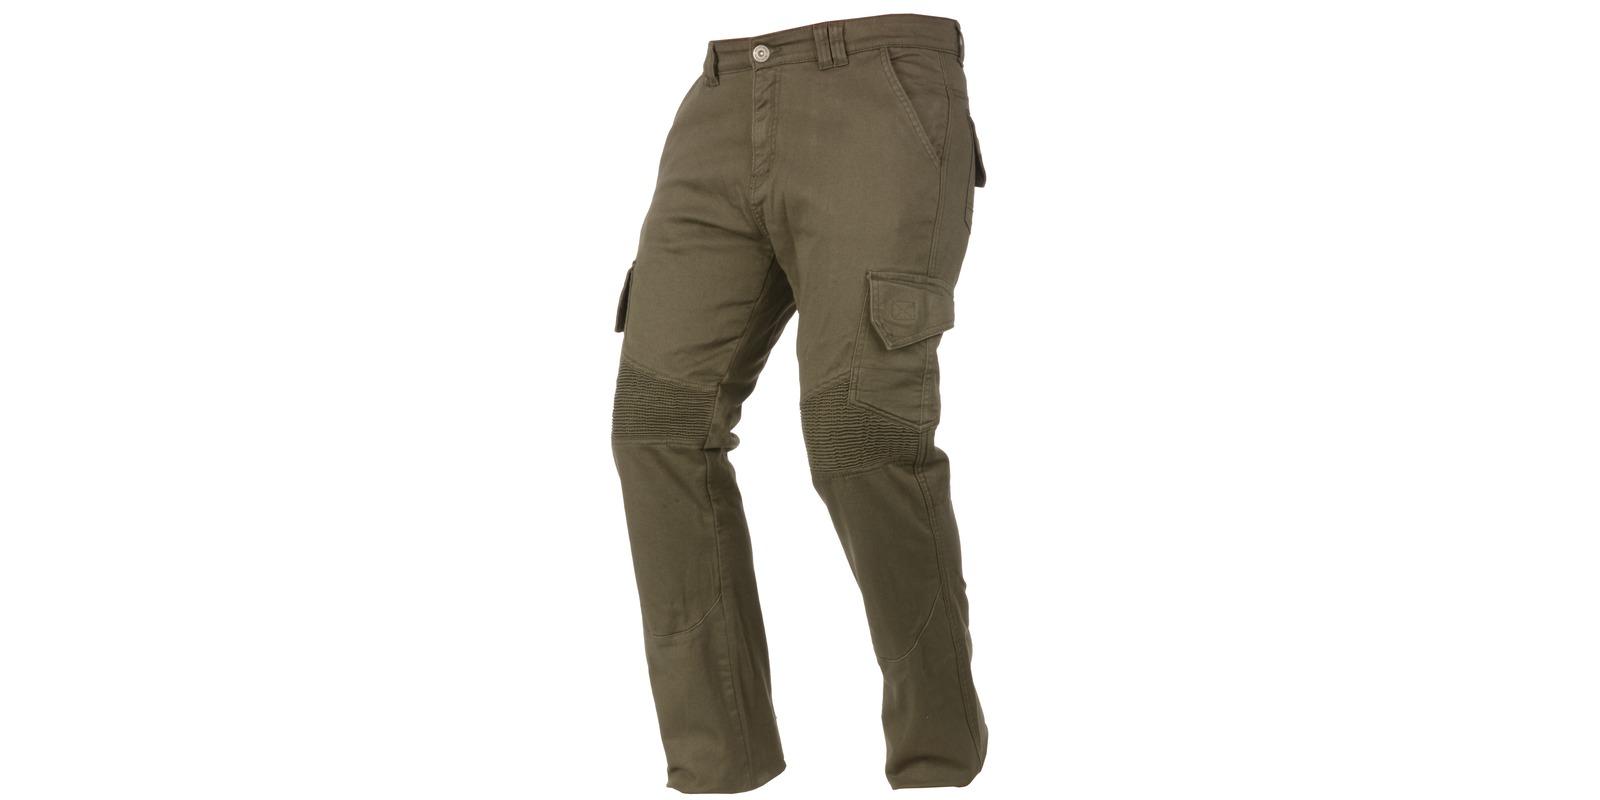 Nohavice DELTA, AYRTON (zelené)